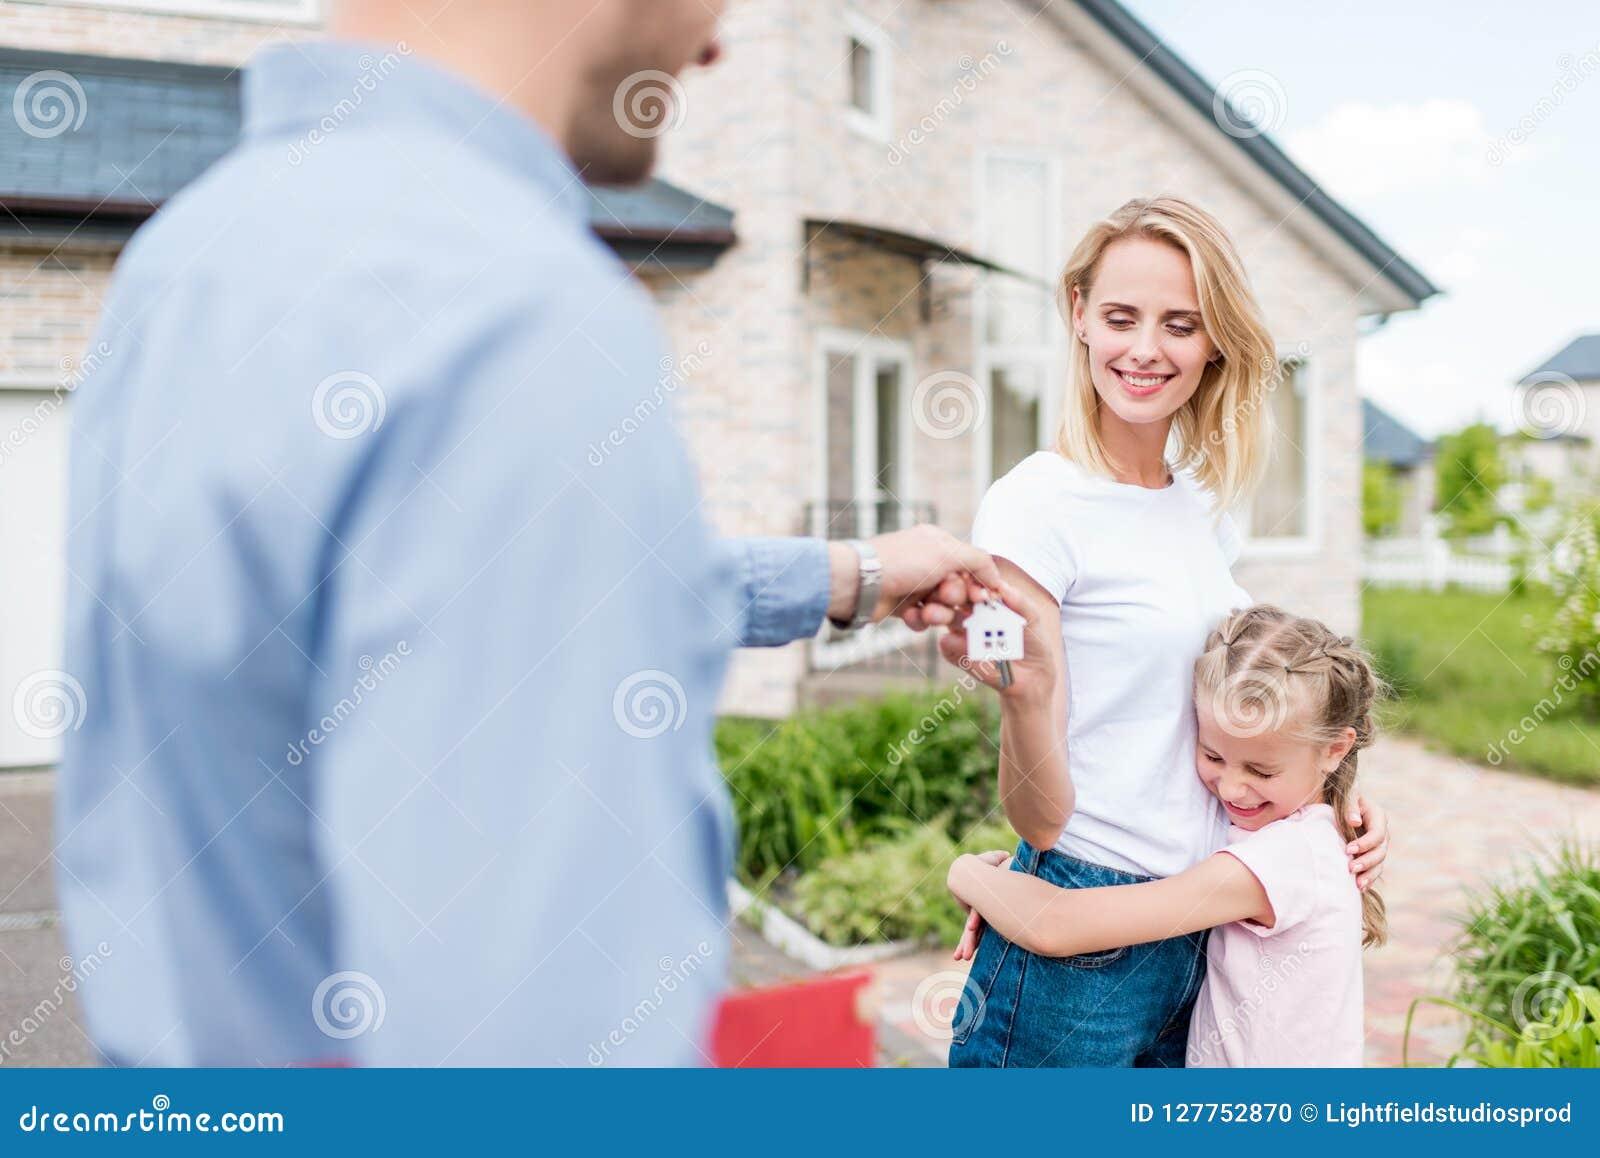 Vue partielle de vrai agent immobilier donnant la clé à la jeune femme